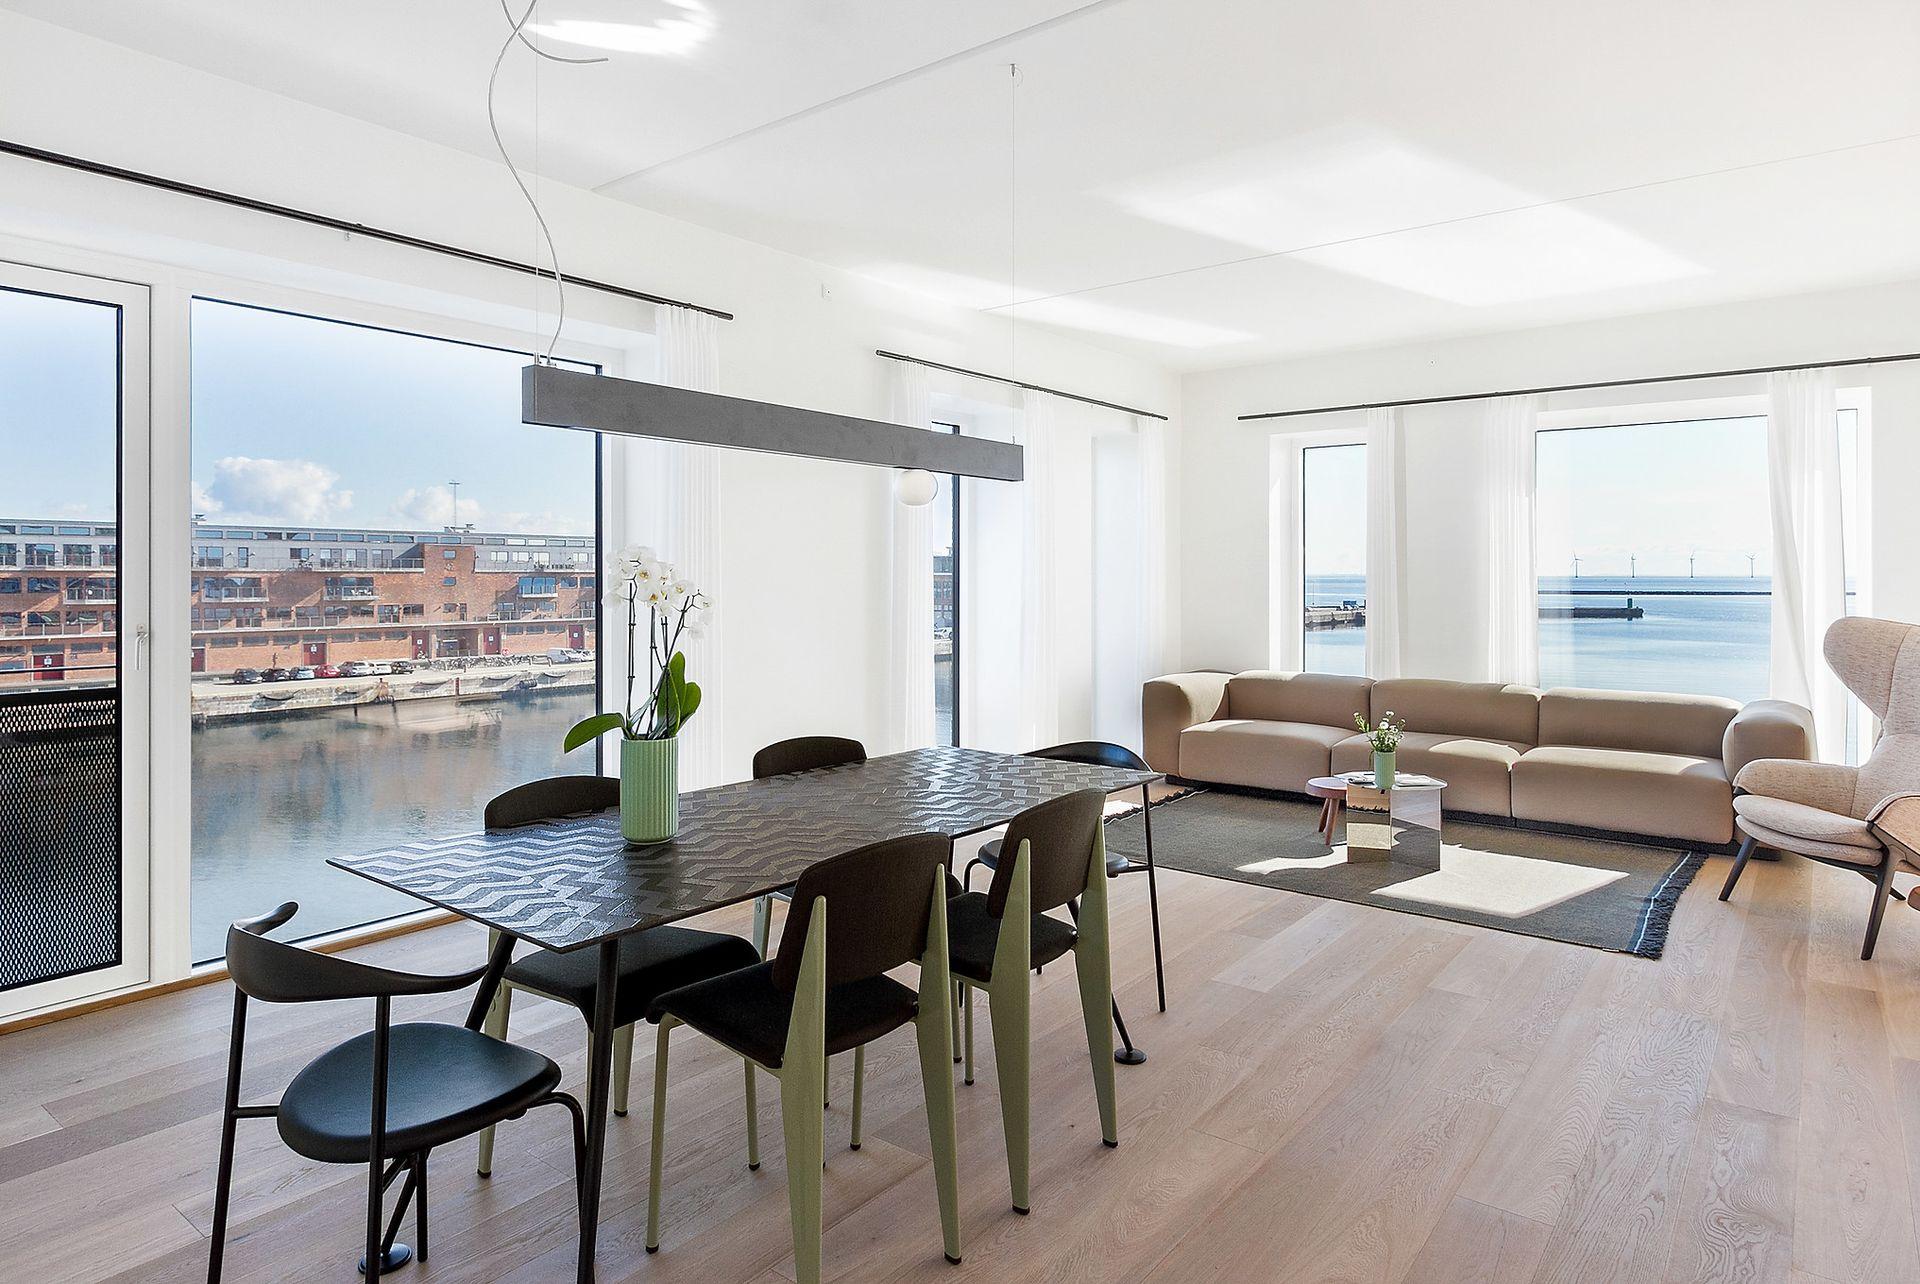 Kopenhagen Wohnung seaport 6 3 bedroom wohnung in kopenhagen